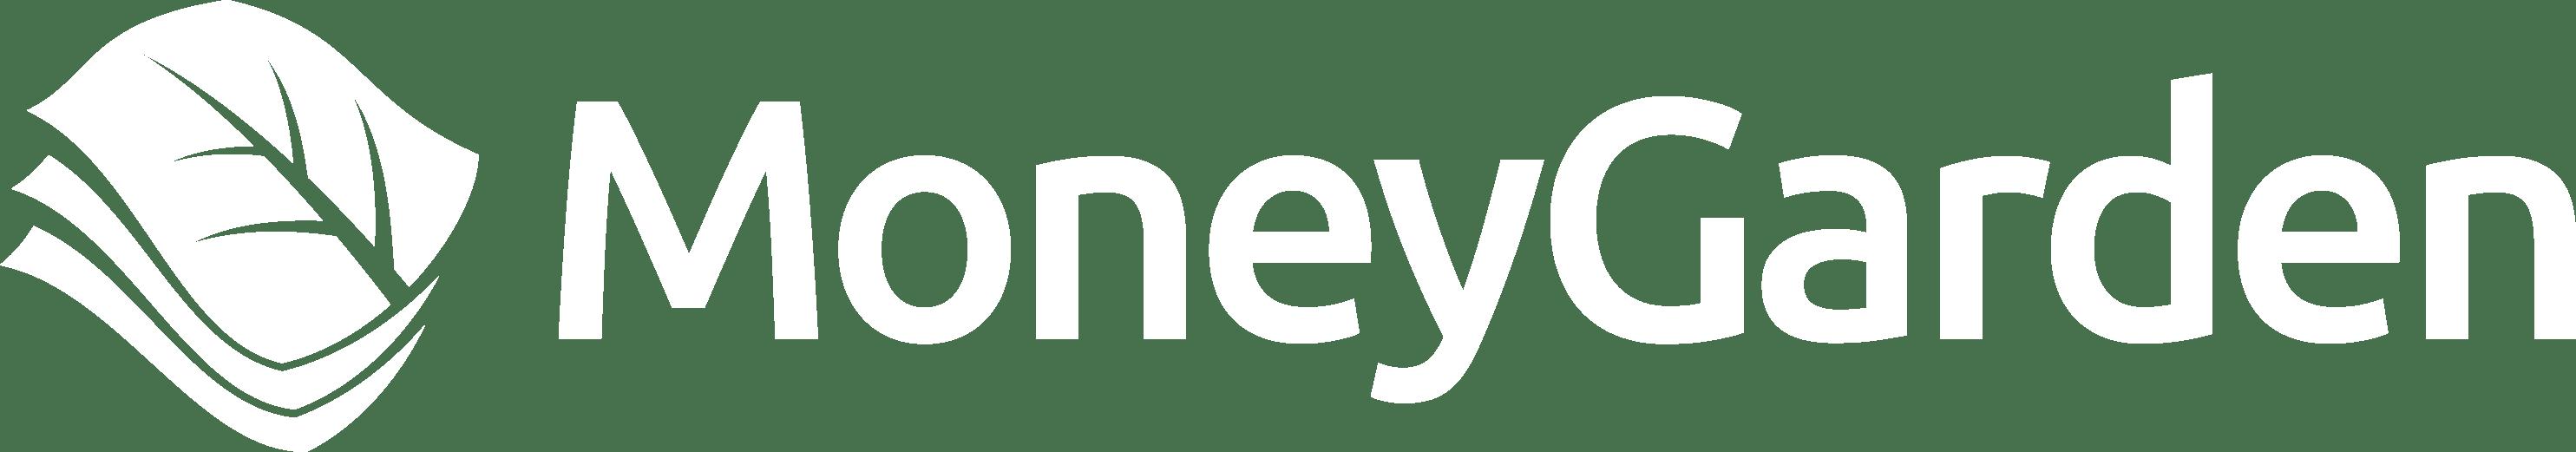 MoneyGarden_LOGOTYP_bily_RGB_pruhledny